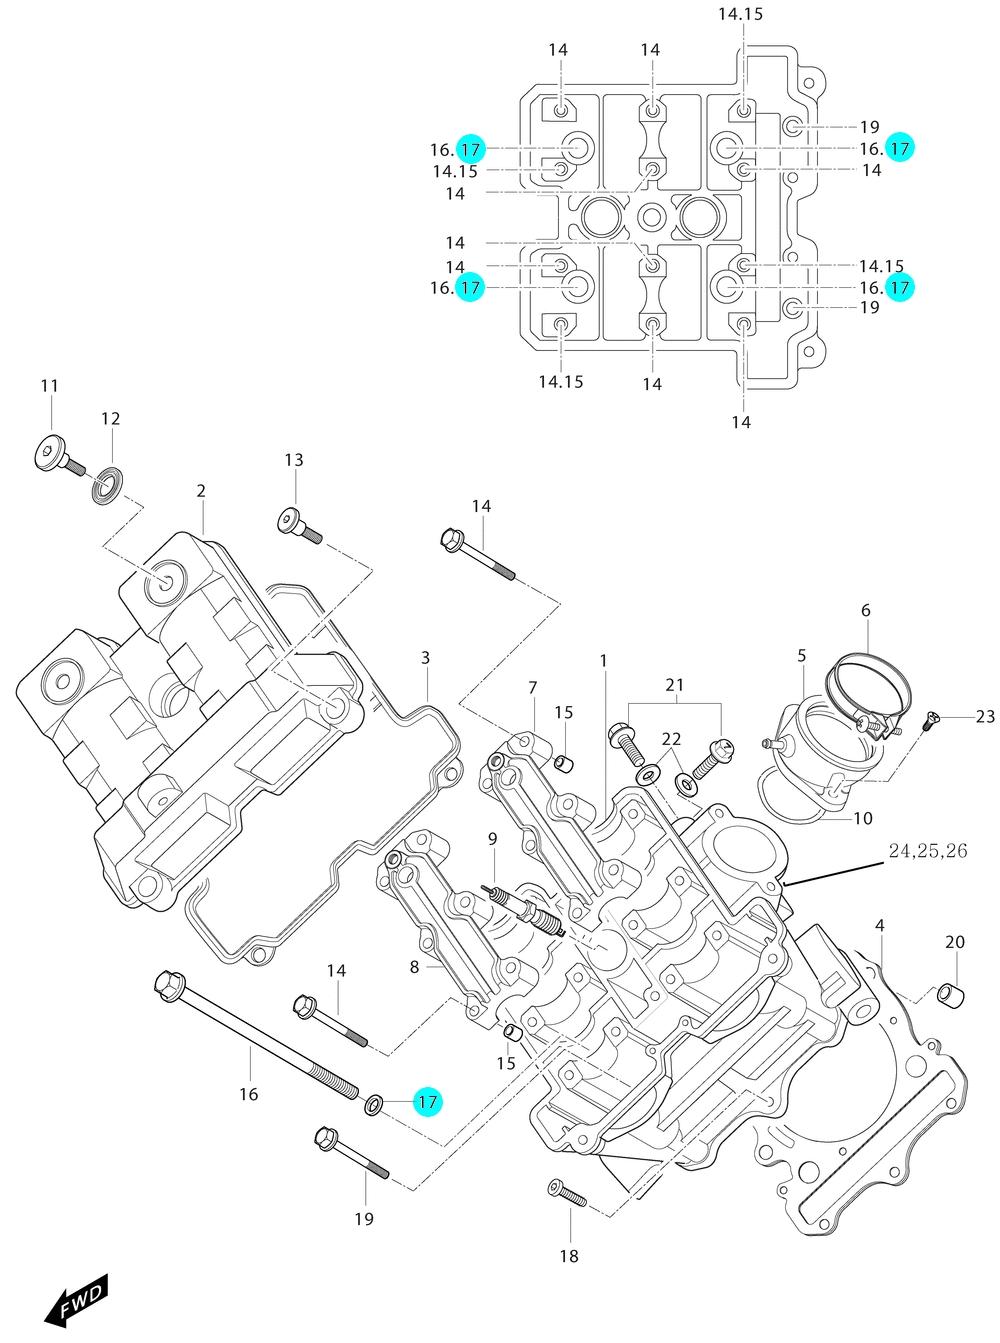 [17] Podložka (hlava předního válce) - Hyosung GT 650i P (FI Delphi)